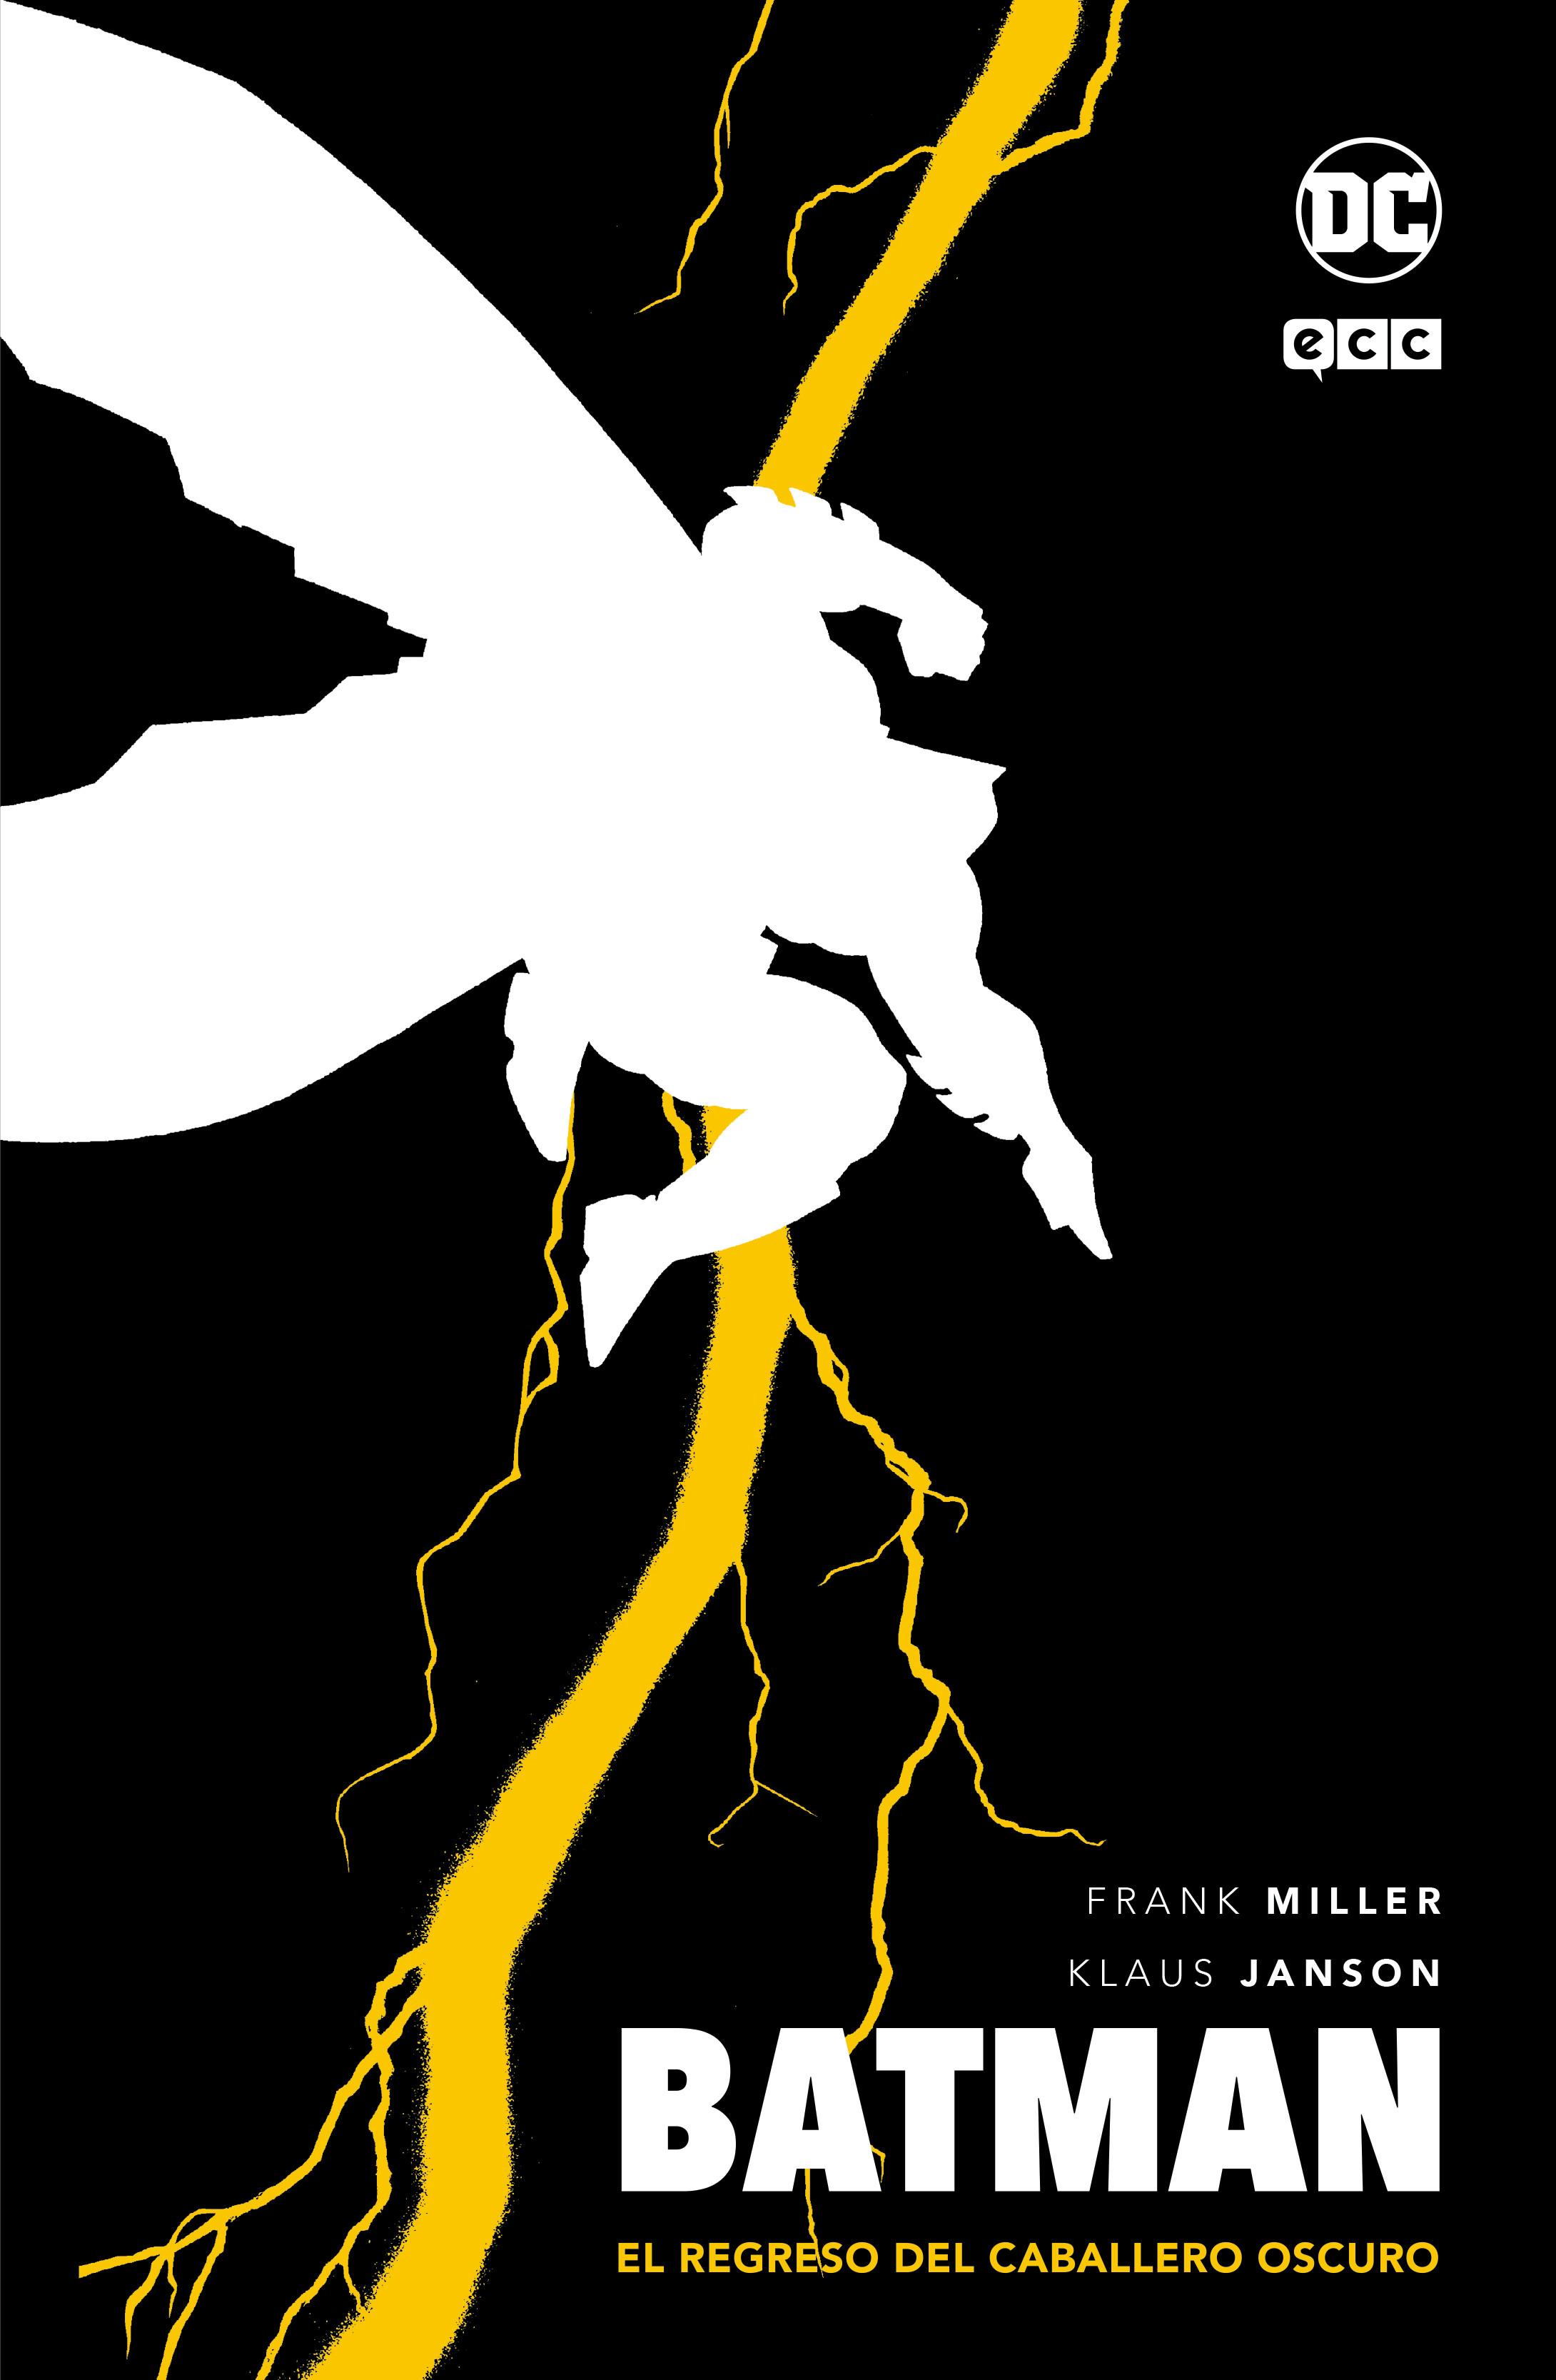 El regreso del Caballero Oscuro Edición limitada en b/n